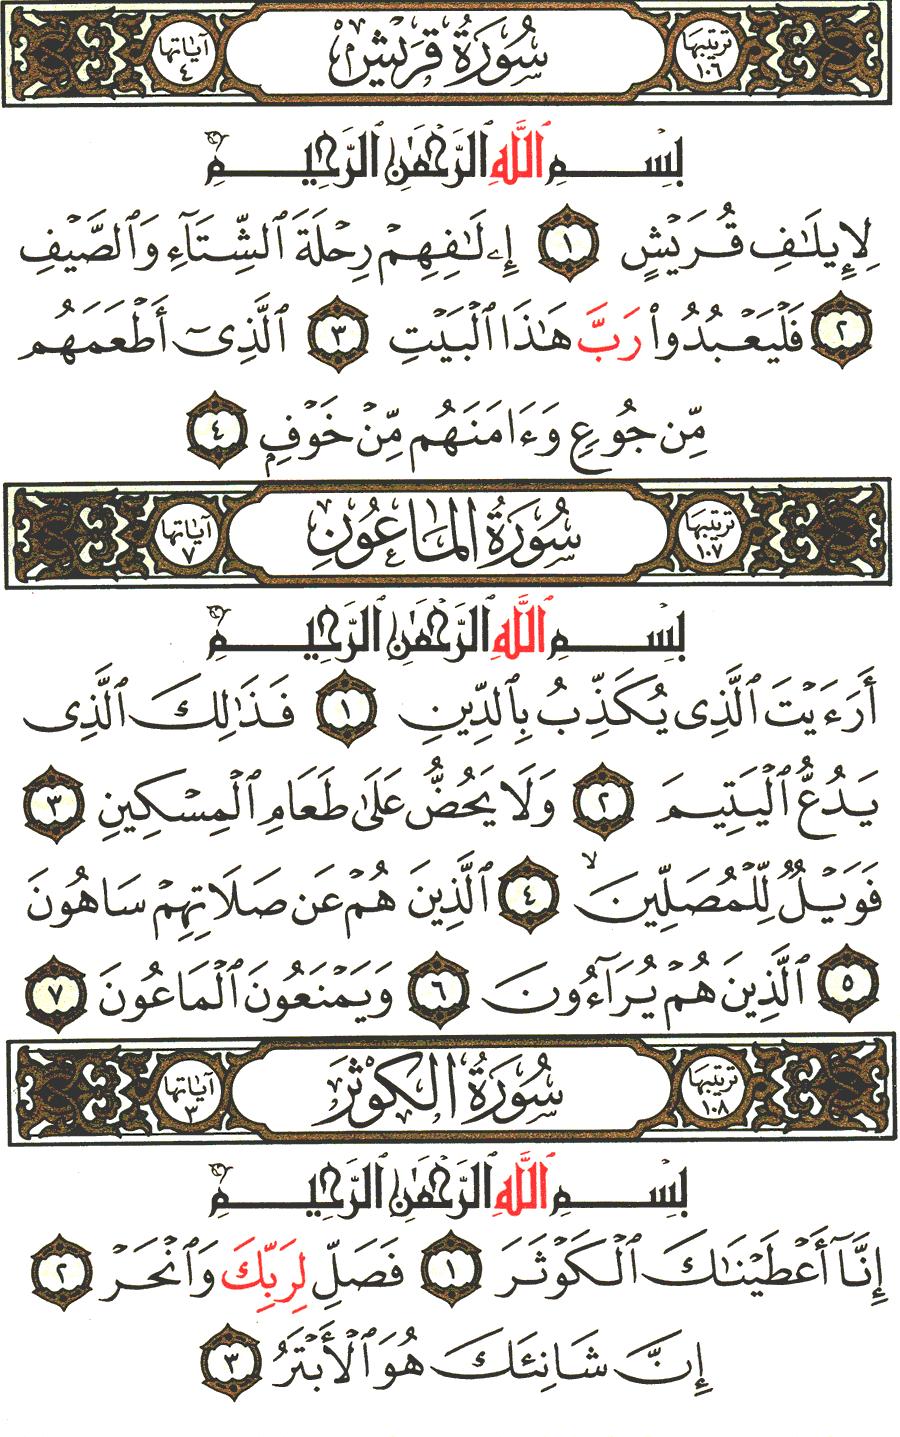 الصفحة رقم 602 من القرآن الكريم مكتوبة من المصحف